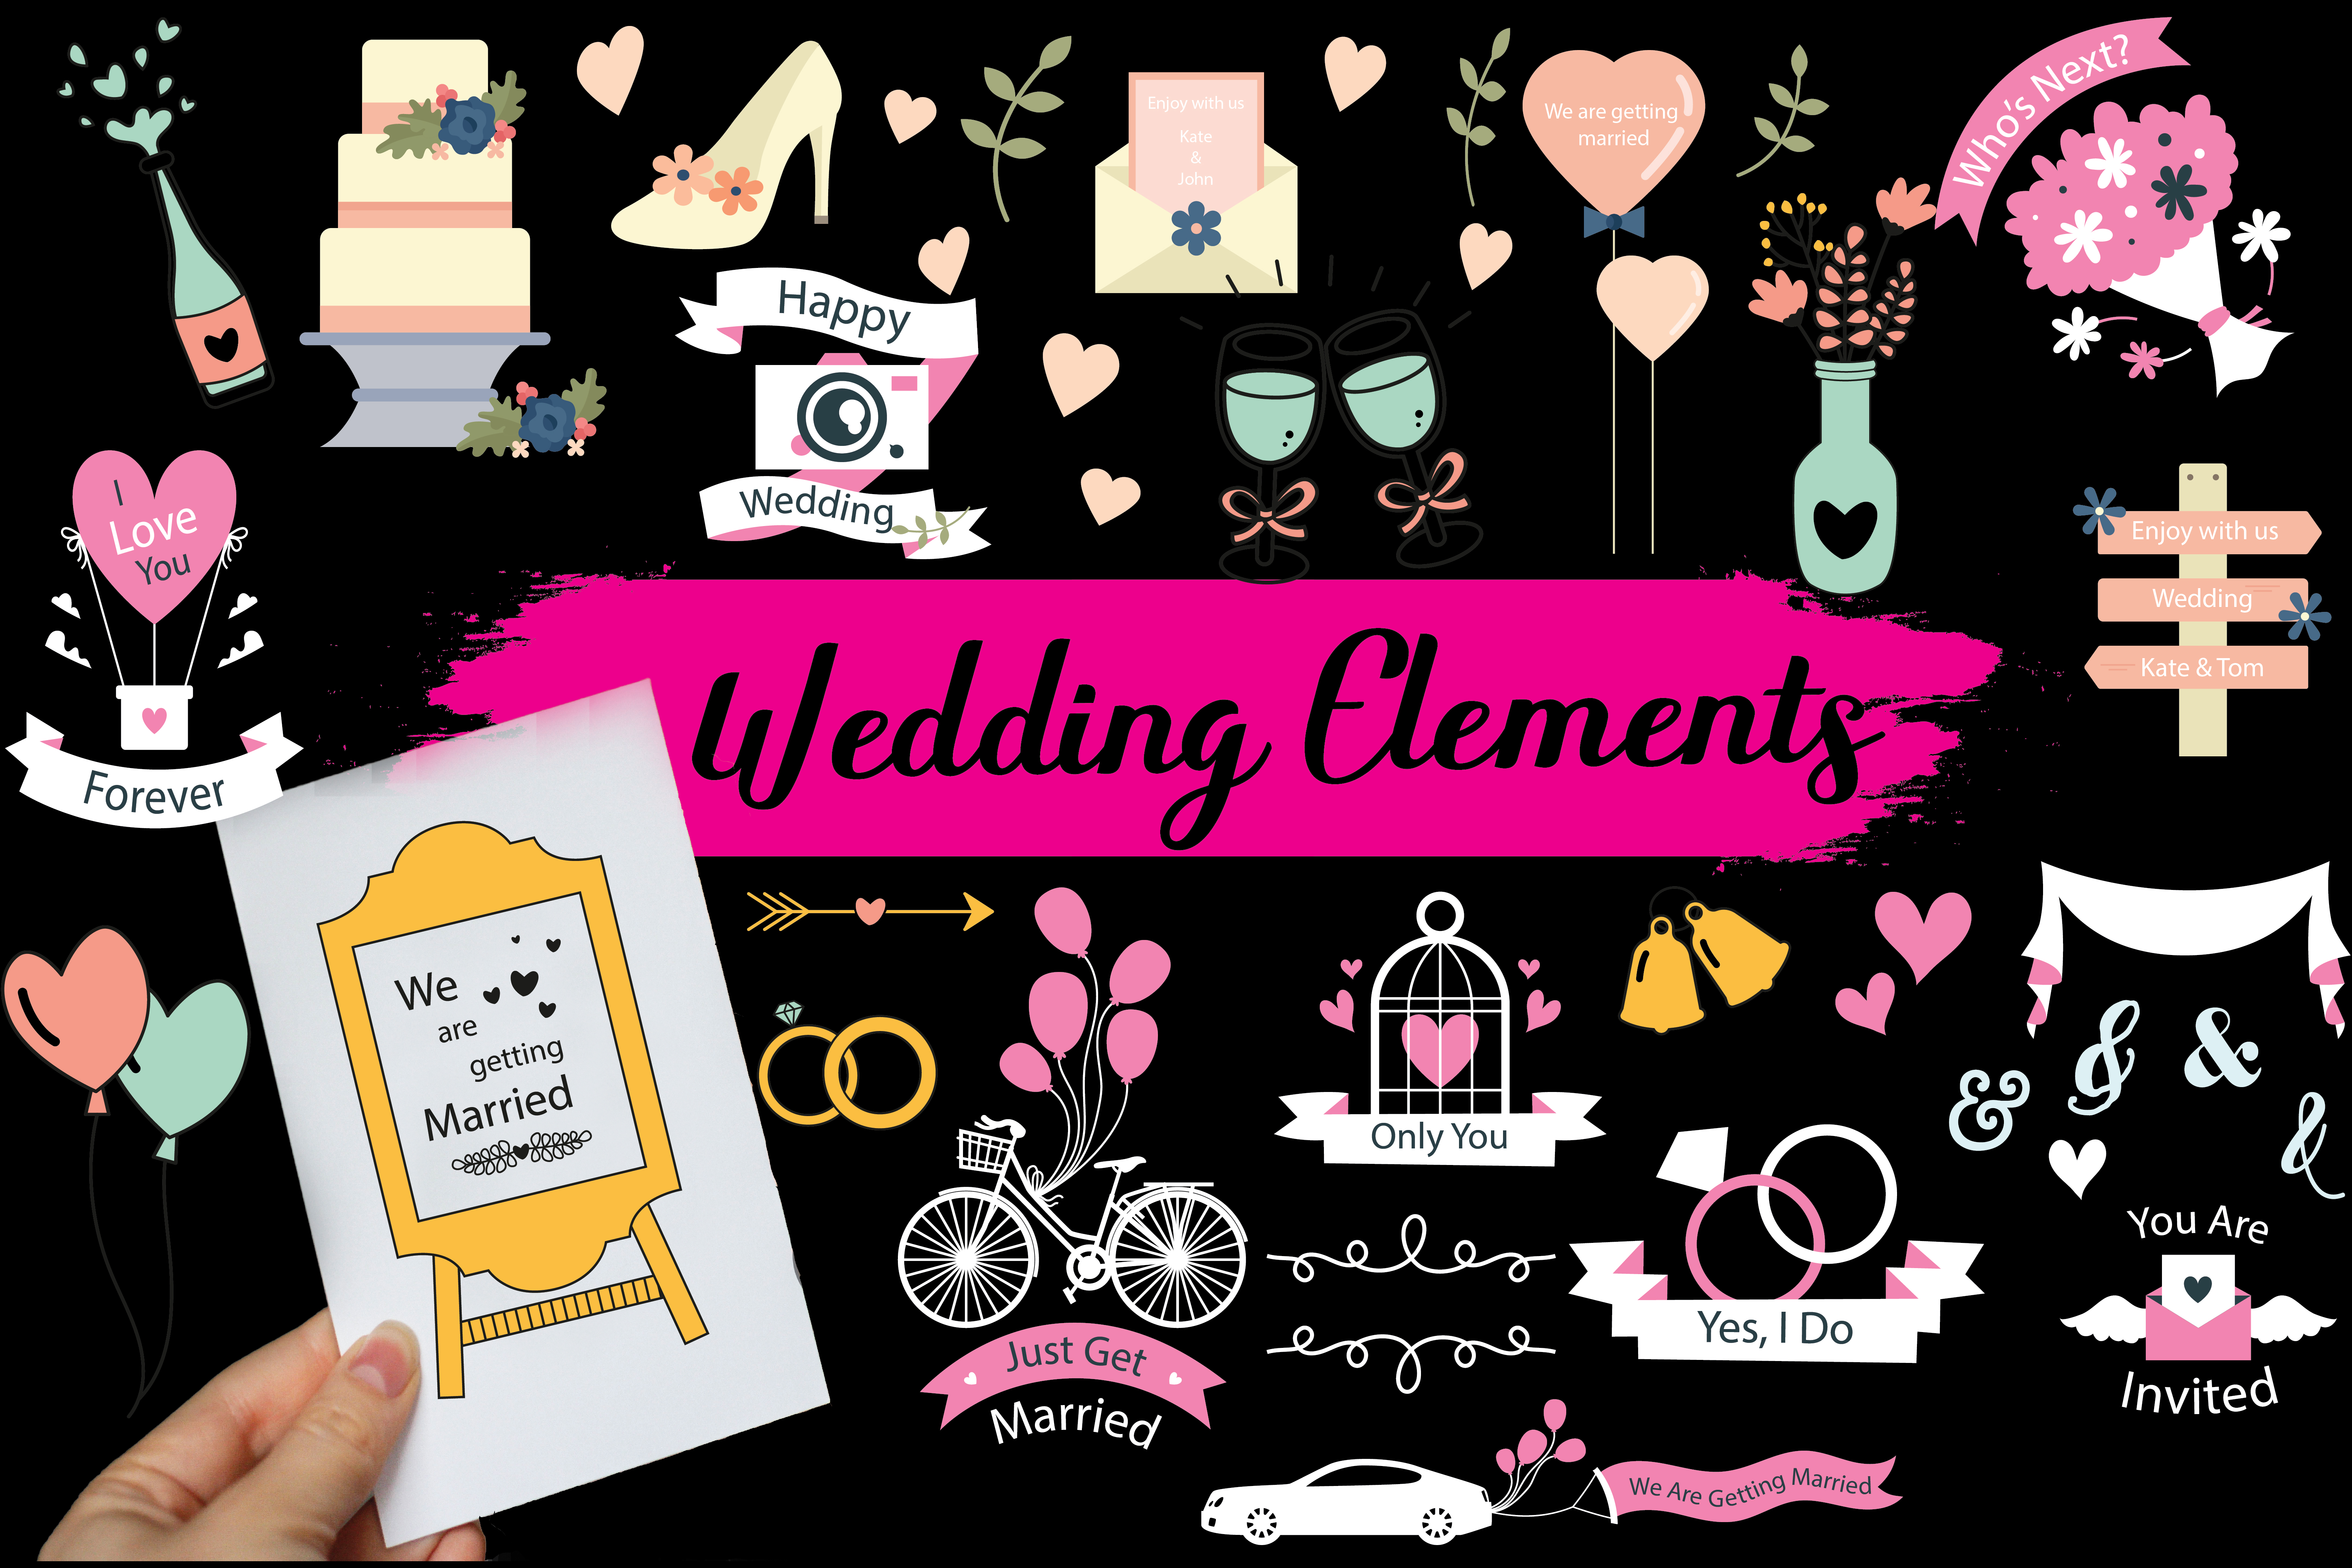 wedding elements,wedding cards,wedding,anniversry,wedding wreaths,floral wedding elements,wedding patterns,wedding cards,wedding,elements example image 1